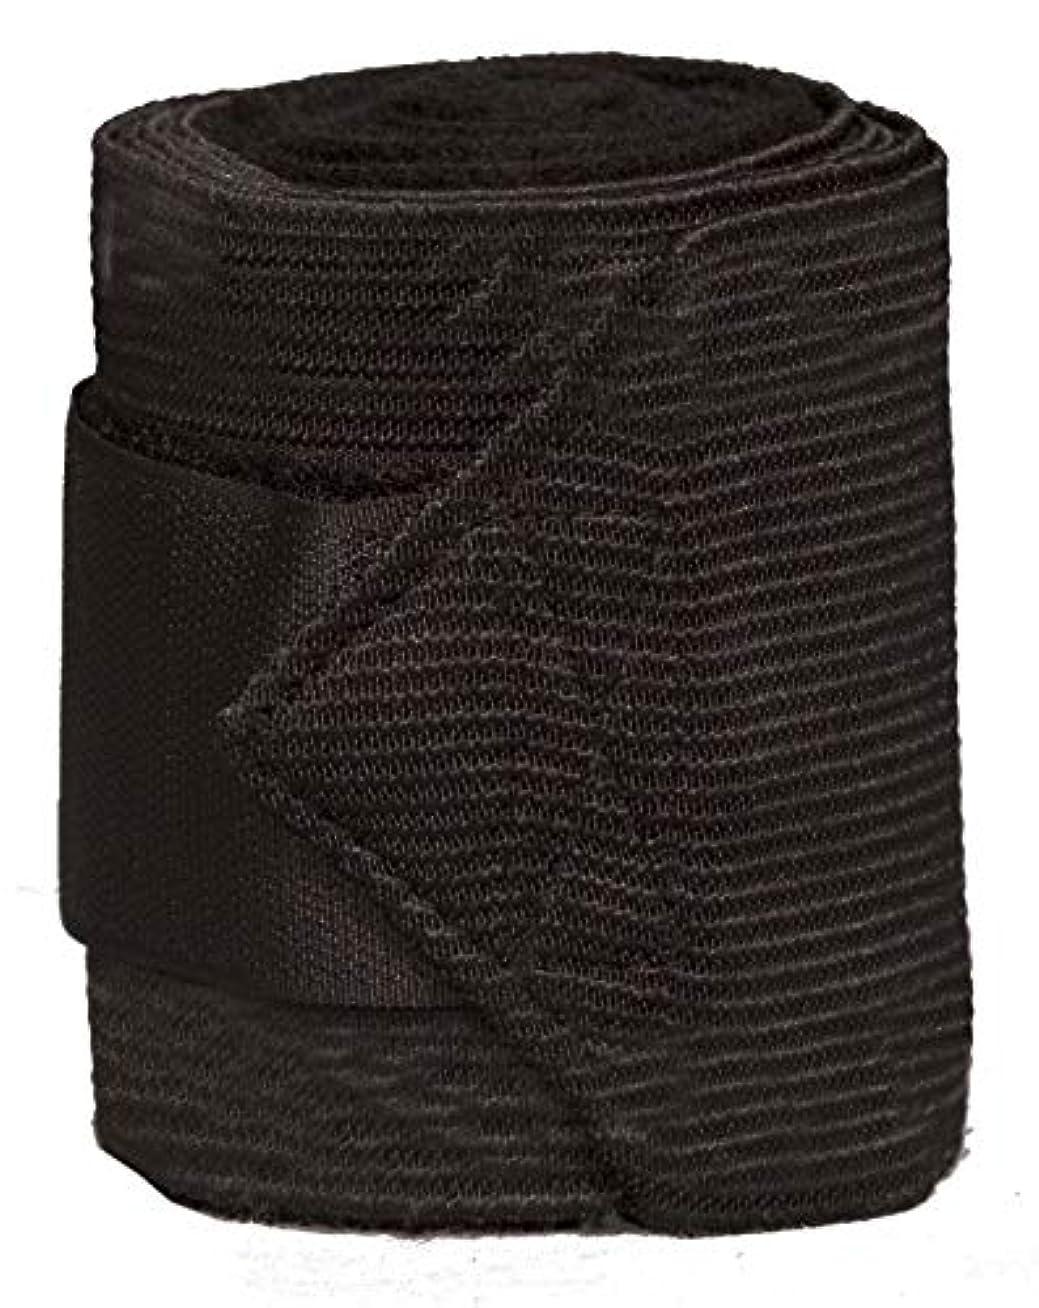 冗長自体種【Amazon.co.jp 限定】ジャクソン(Jacson) 馬用 包帯/脚パッド 包帯フリース/弾性4-P Bandage Fleece/Elastic 4-p ブラック 10cmx3m 580369 580369 [並行輸入品]